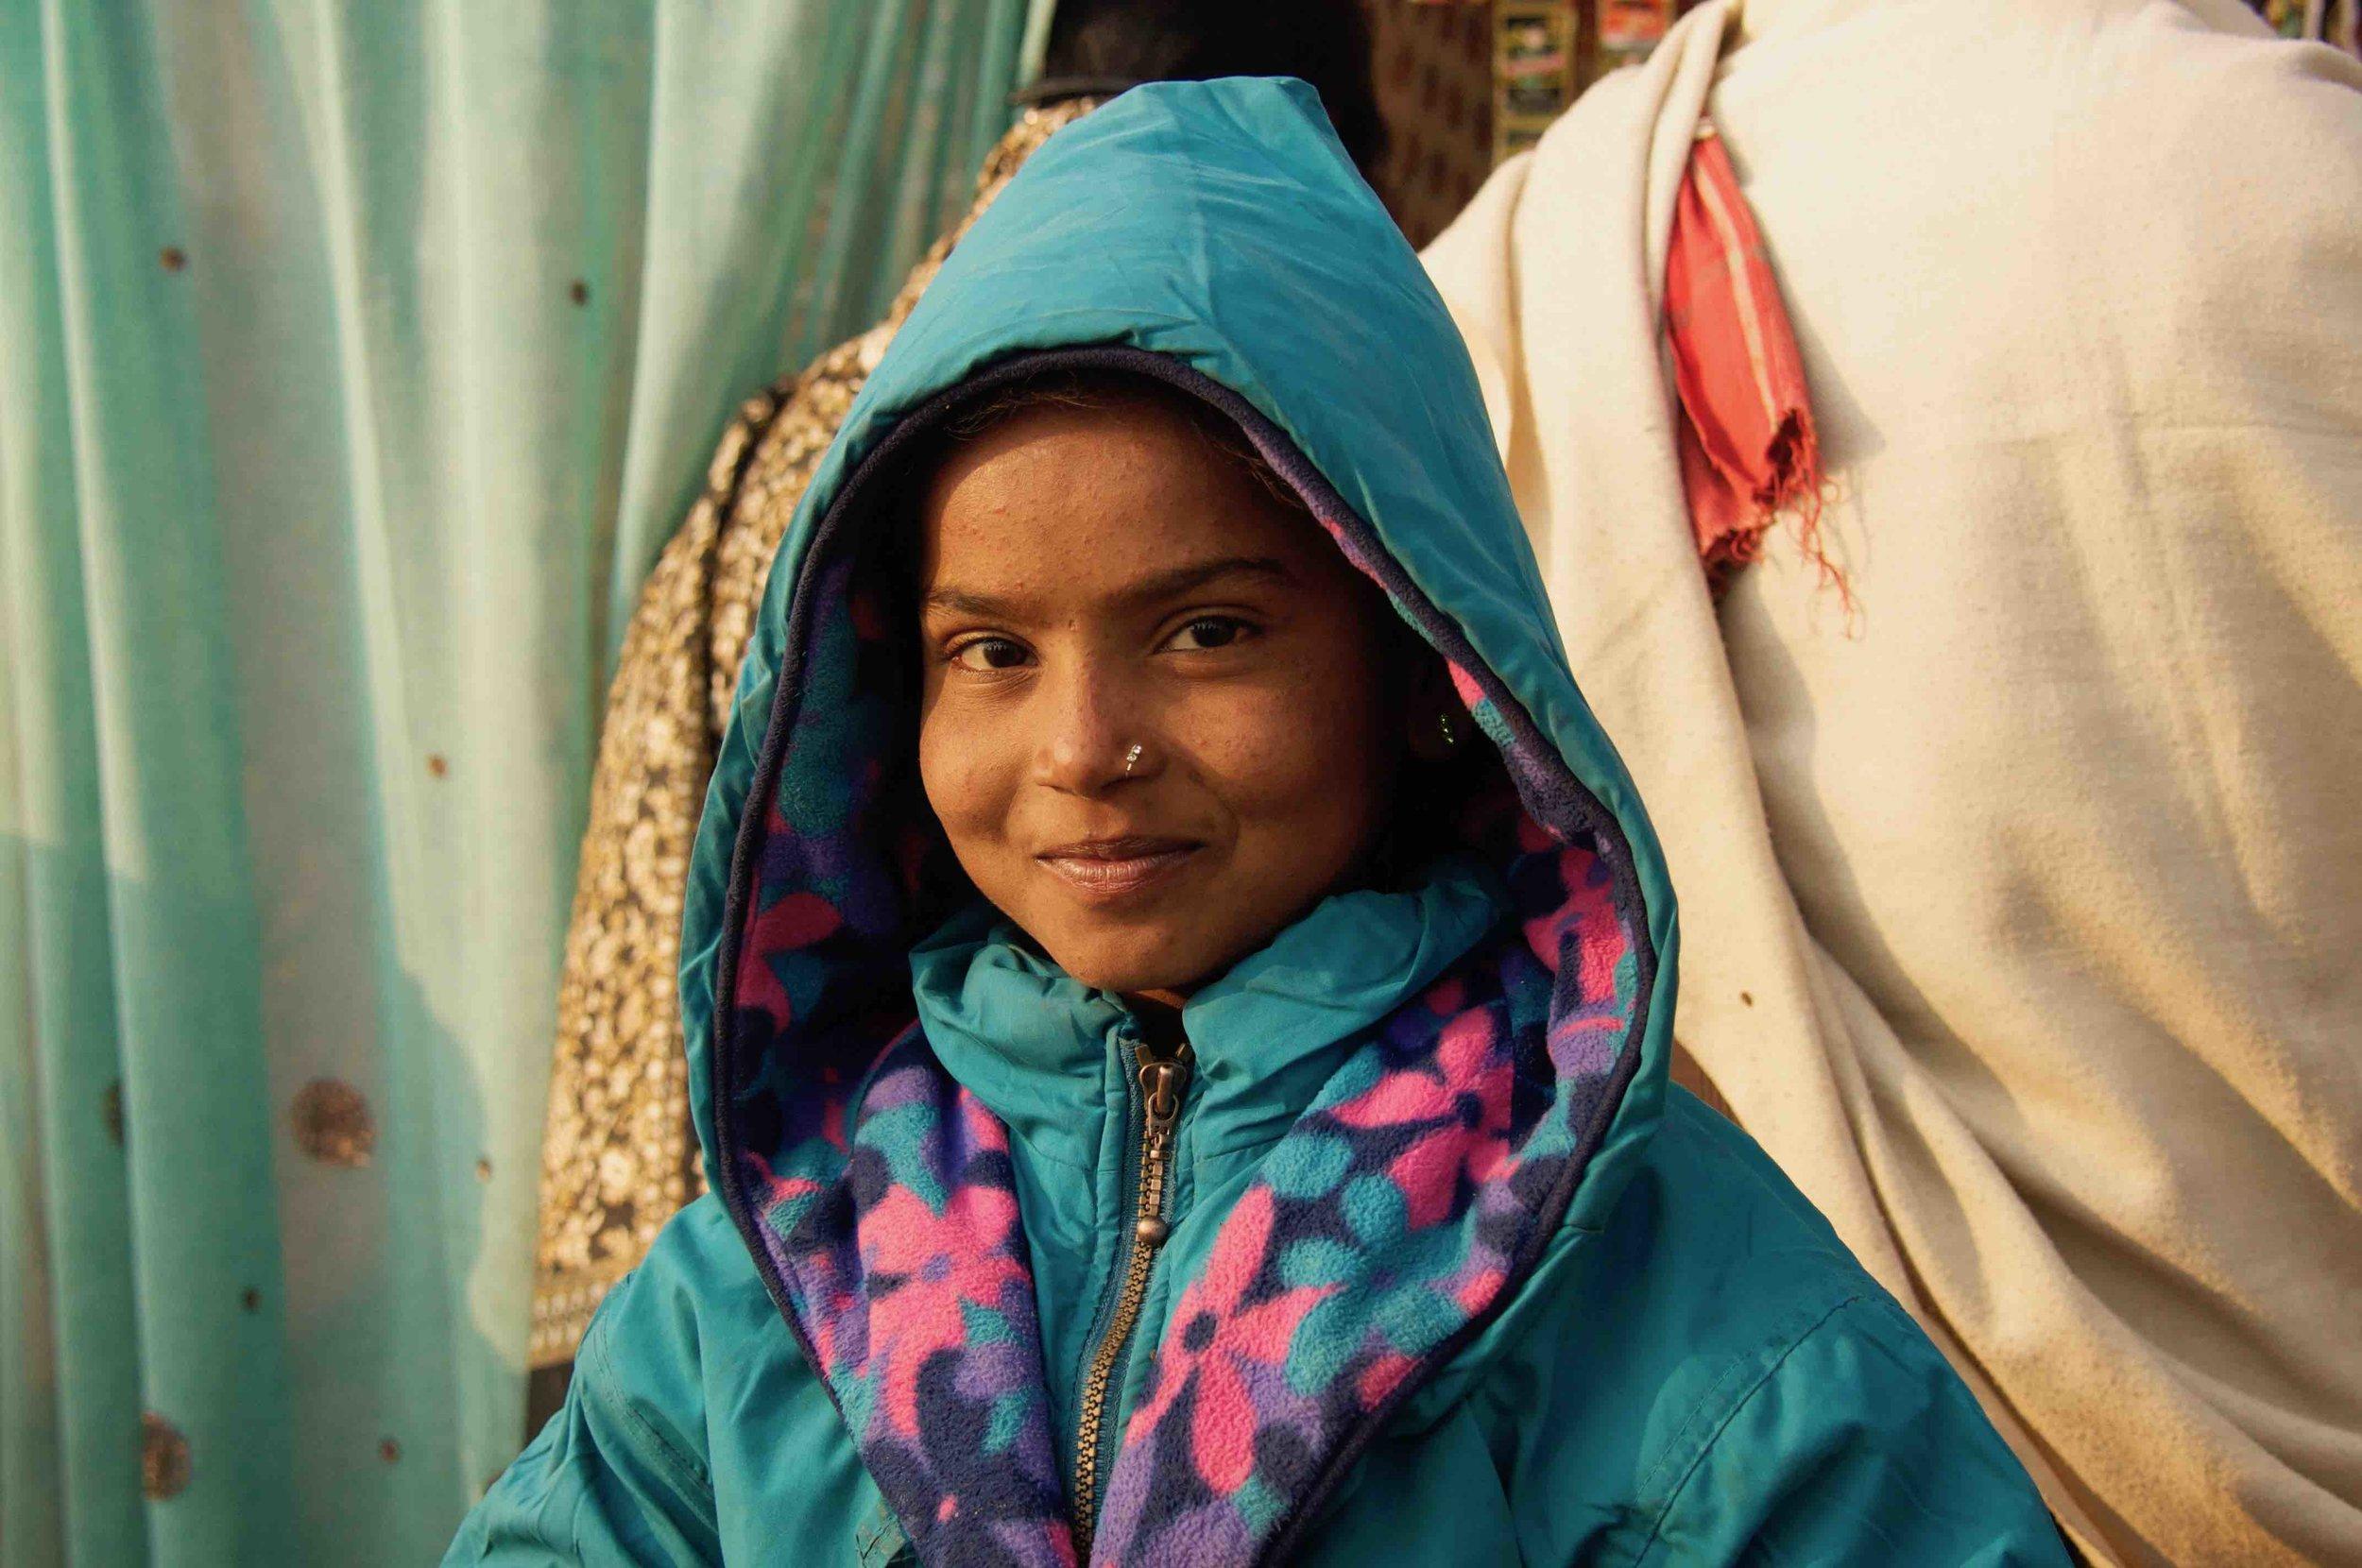 Yolanda-French-Yogalanda-Kumbh-Mela-Girl.jpg